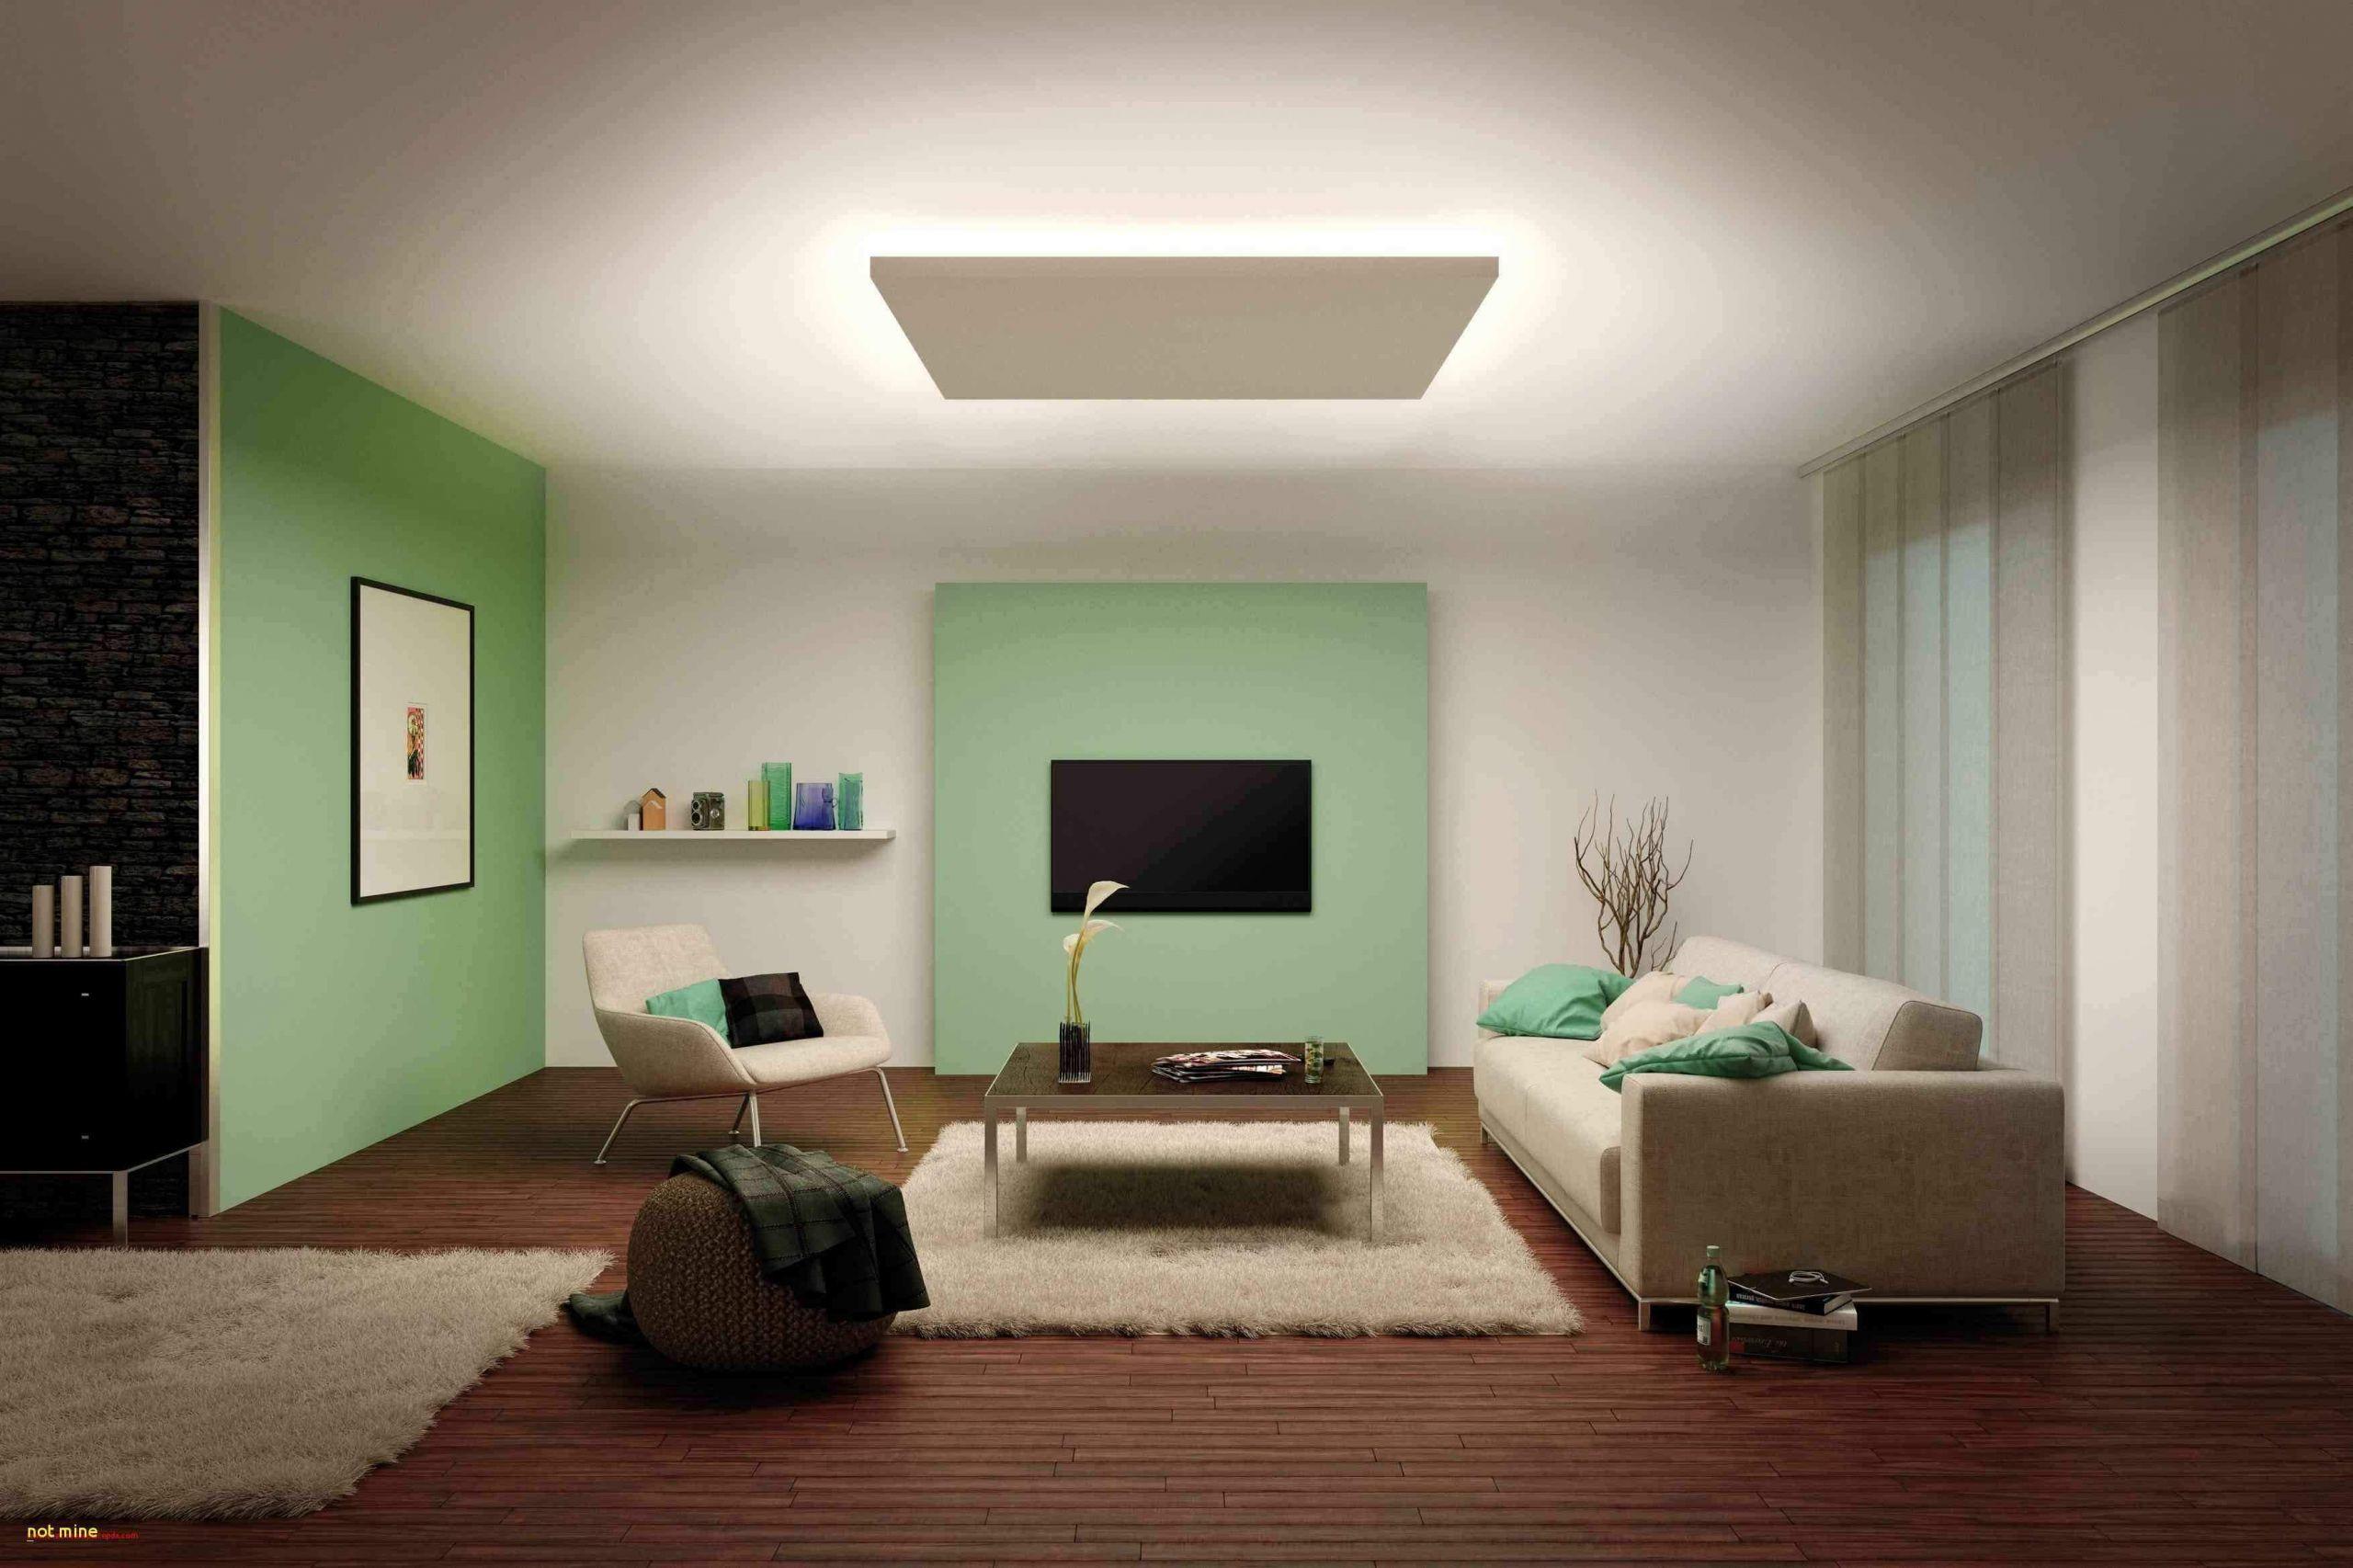 wohnzimmer idee luxus landhausstil wohnzimmer elegant wand licht dekoration fresh of wohnzimmer idee scaled